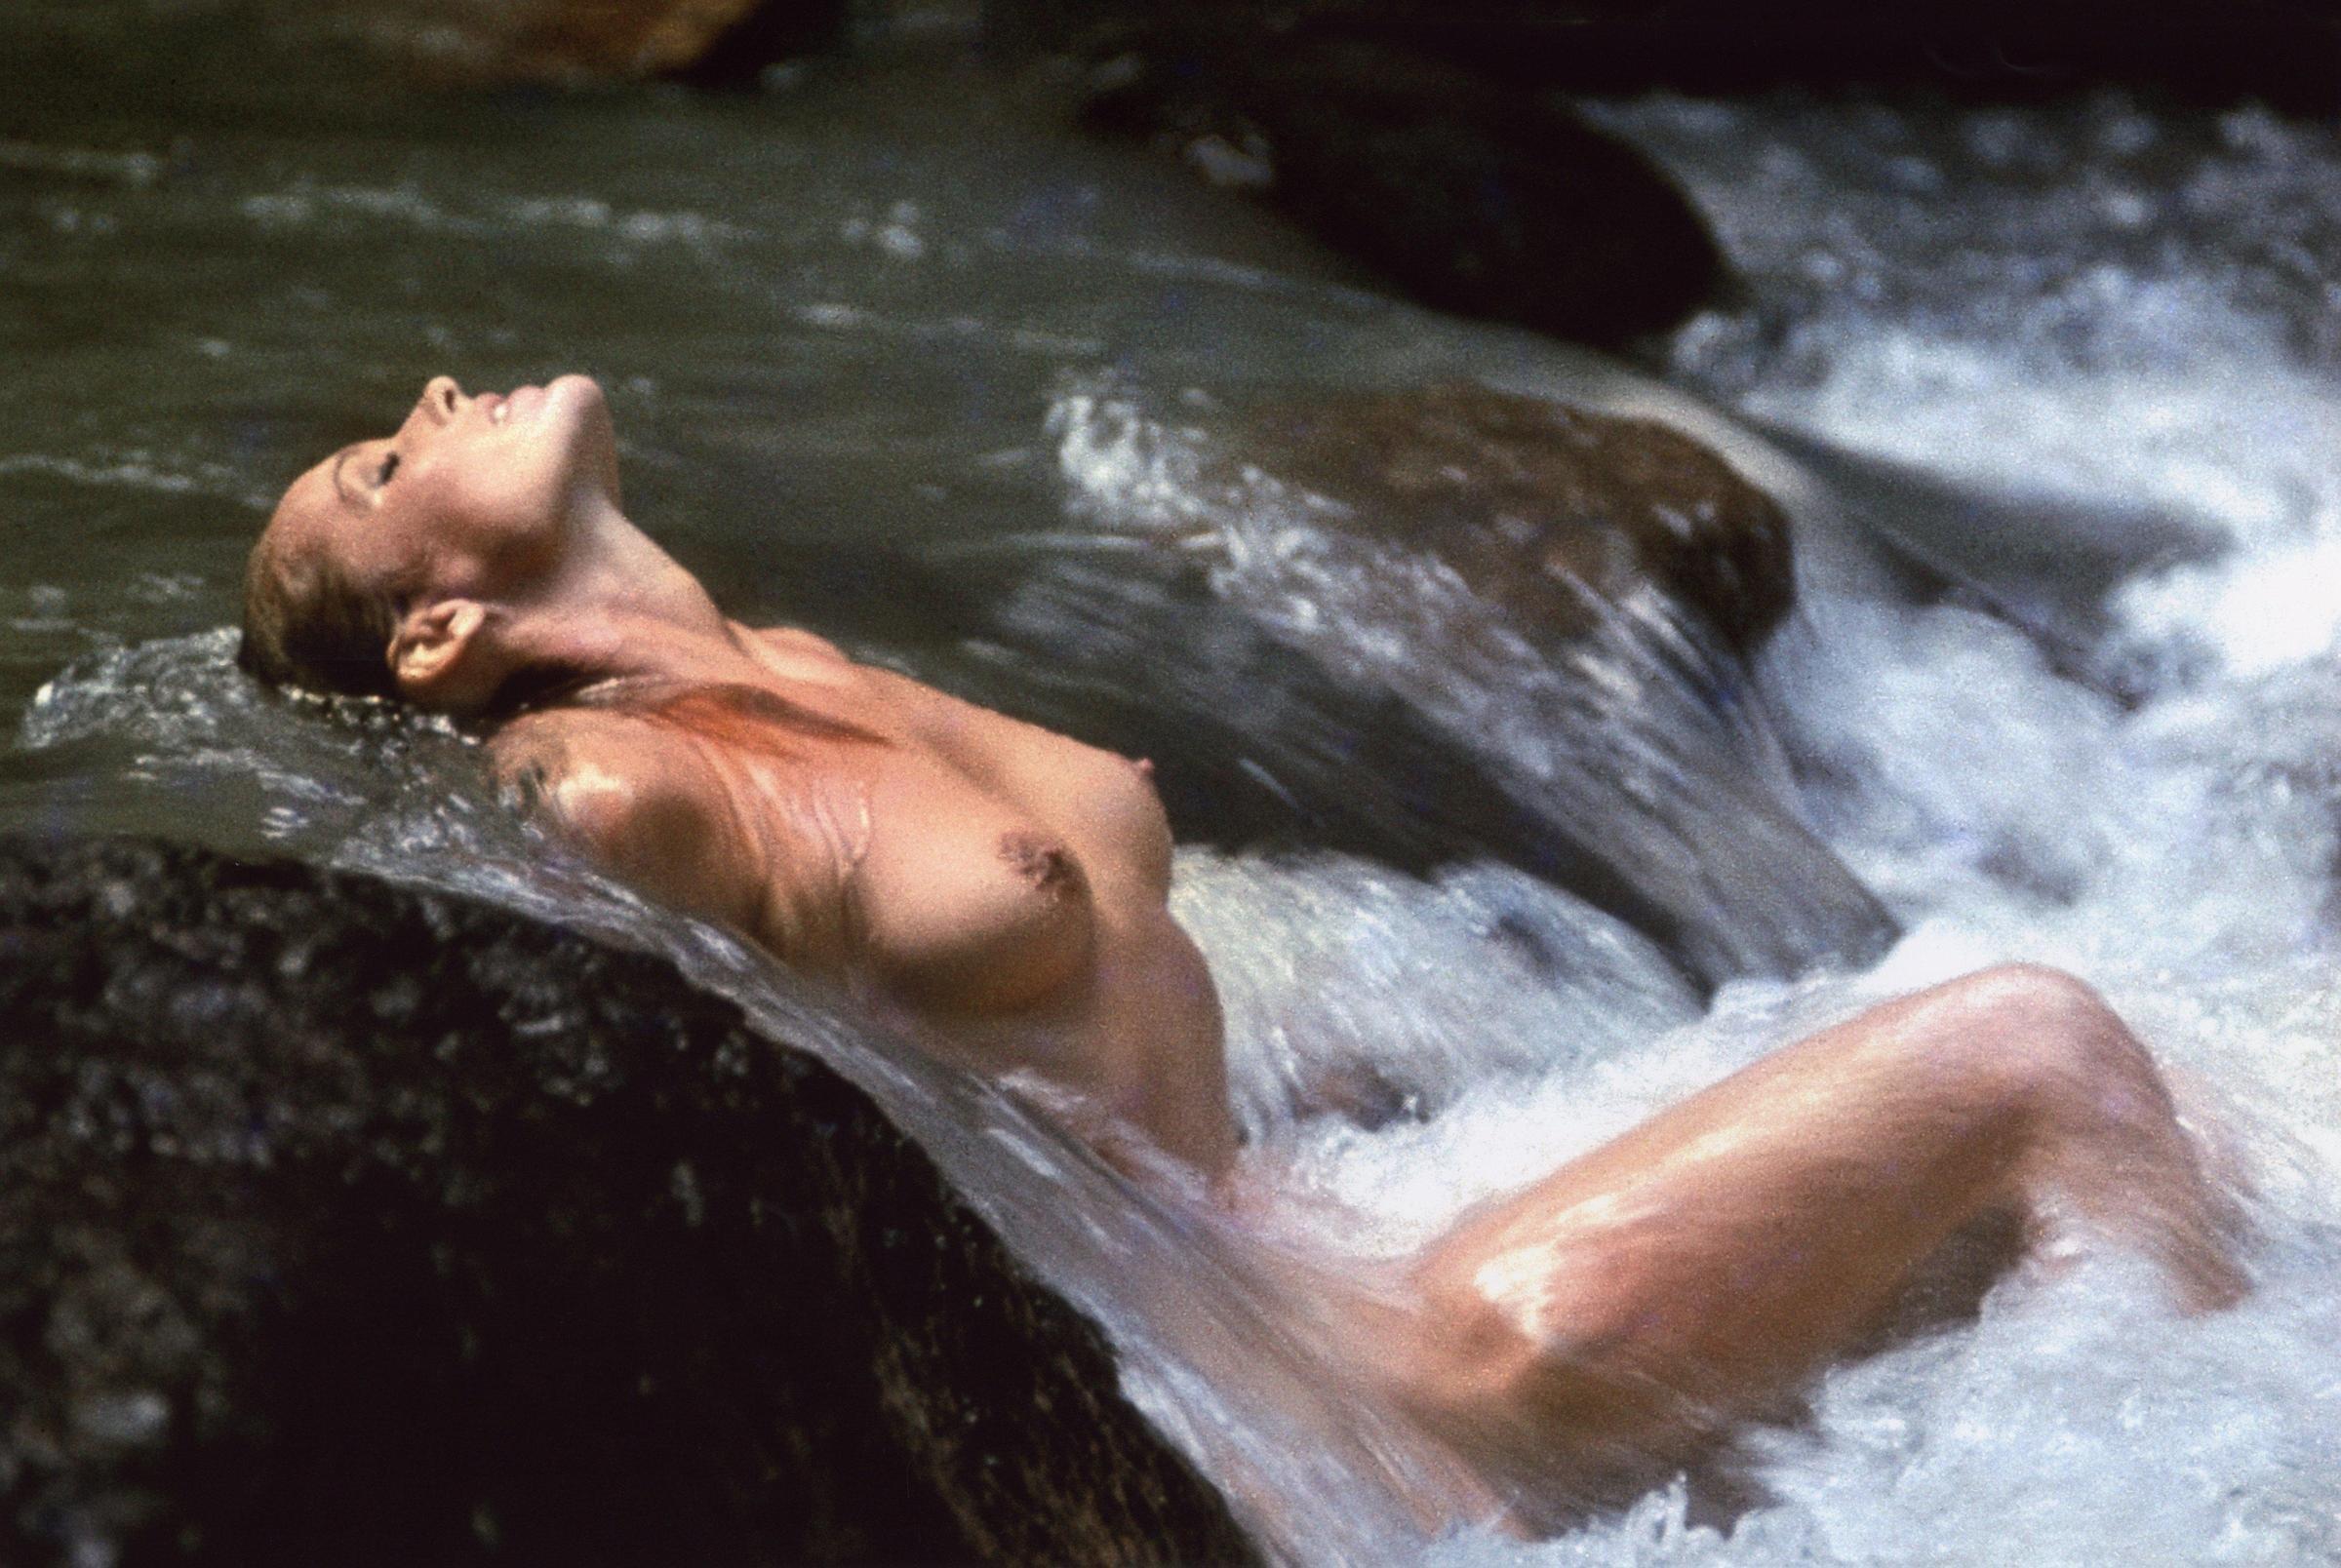 Урсула Андресс, июнь 1965 года. Фотограф Джон Дерек